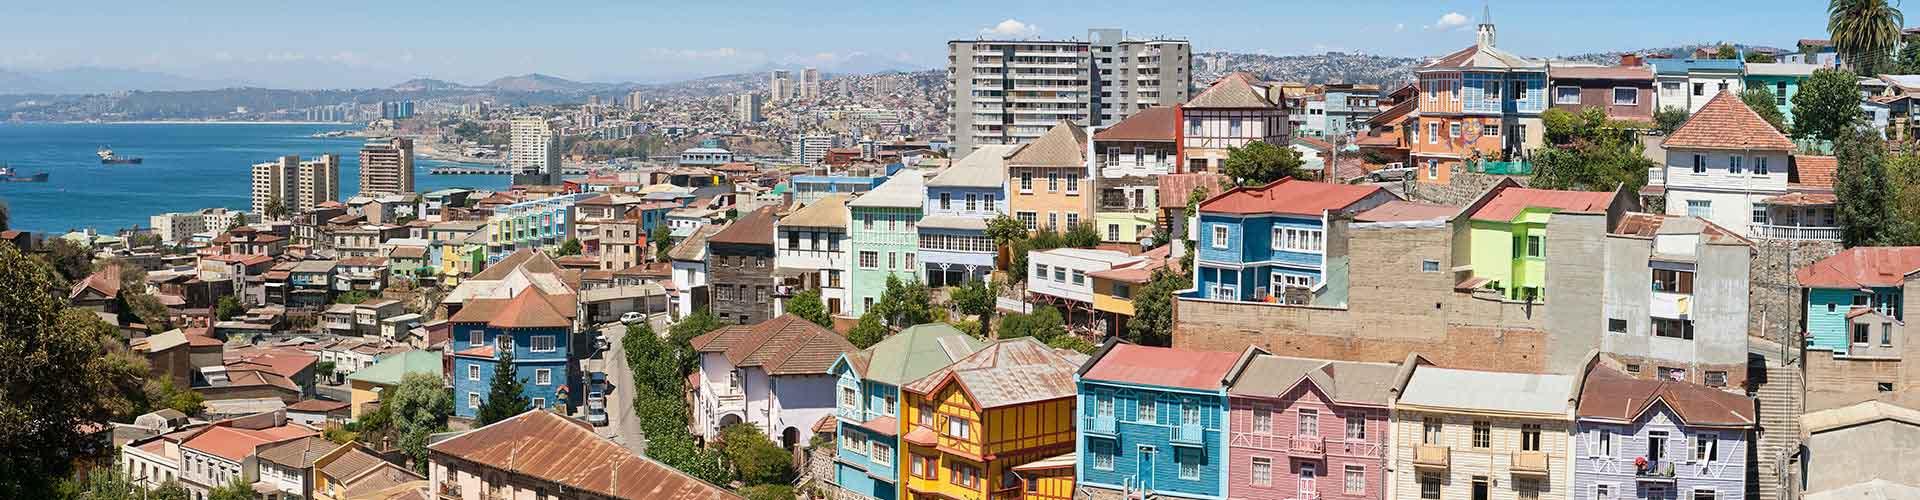 Valparaíso – Hostellit kohteessa Valparaíso. Valparaíso -karttoja, valokuvia ja arvosteluja kaikista Valparaíso -hostelleista.